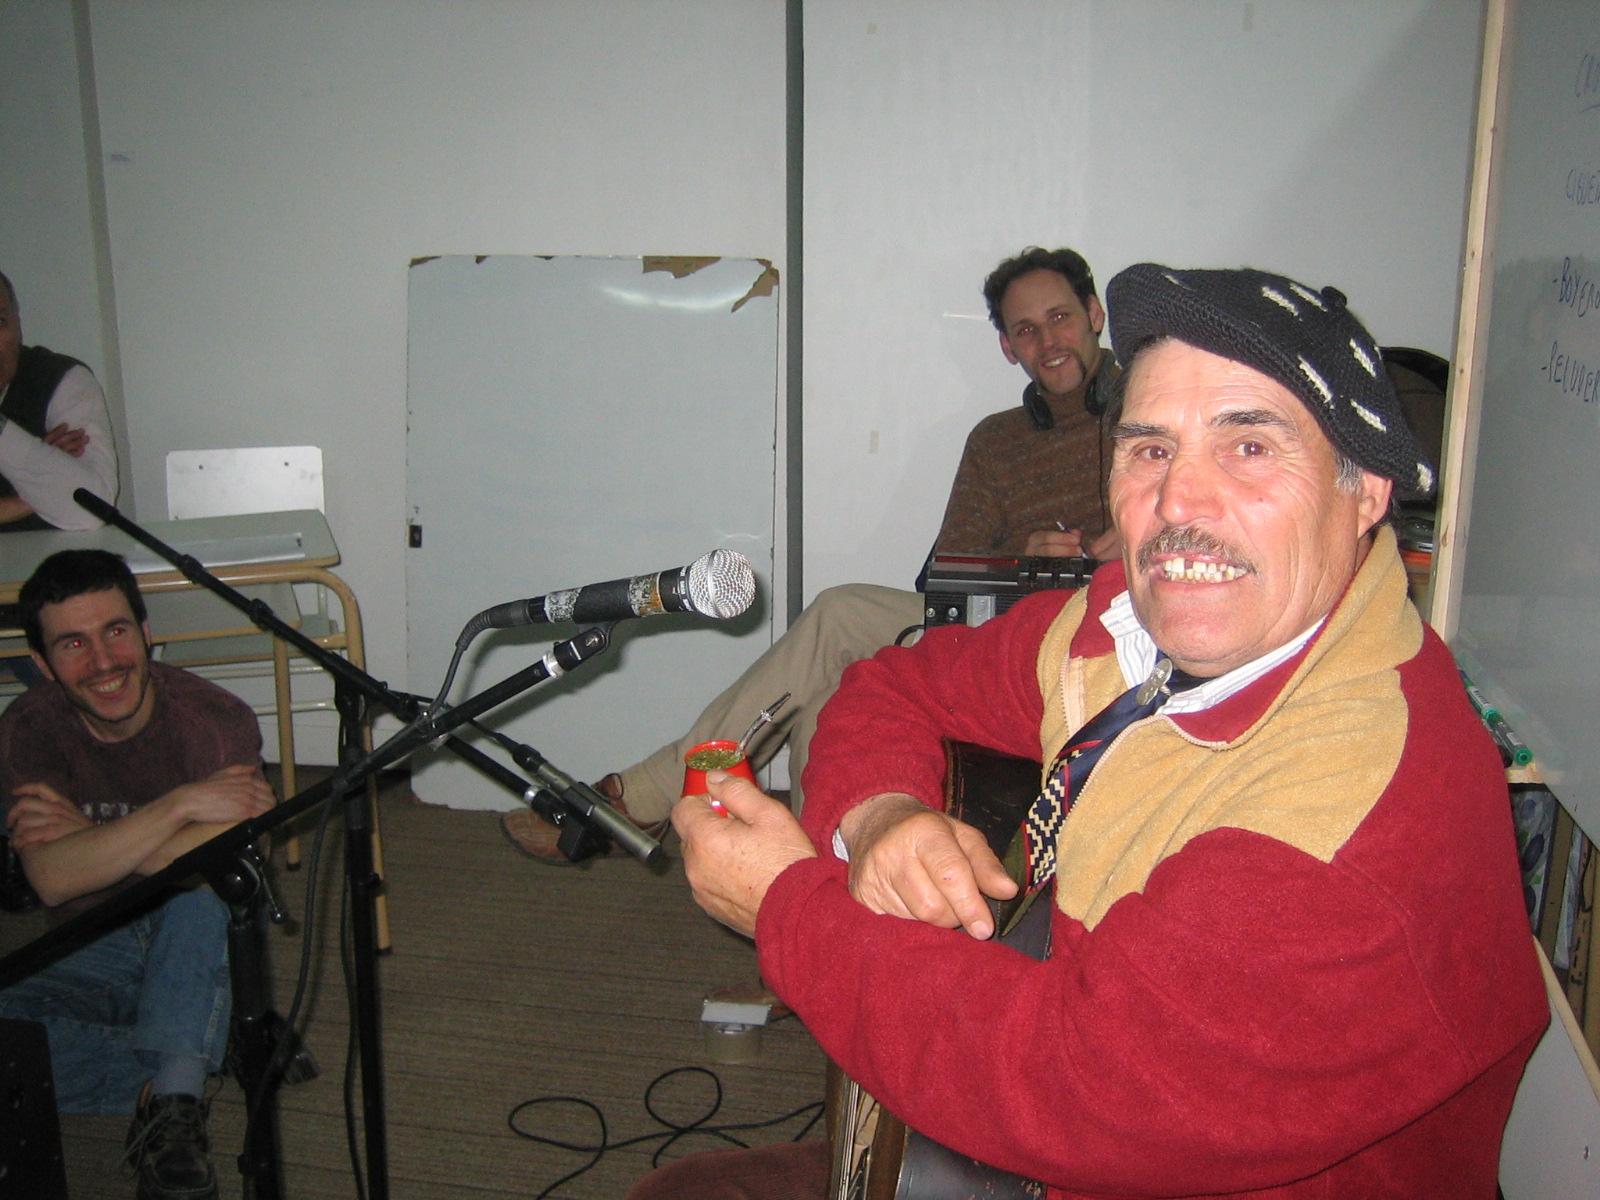 documentos sonoros, lenguaje radiofónico, folklore, educación, cultura oral, cultura popular, historia